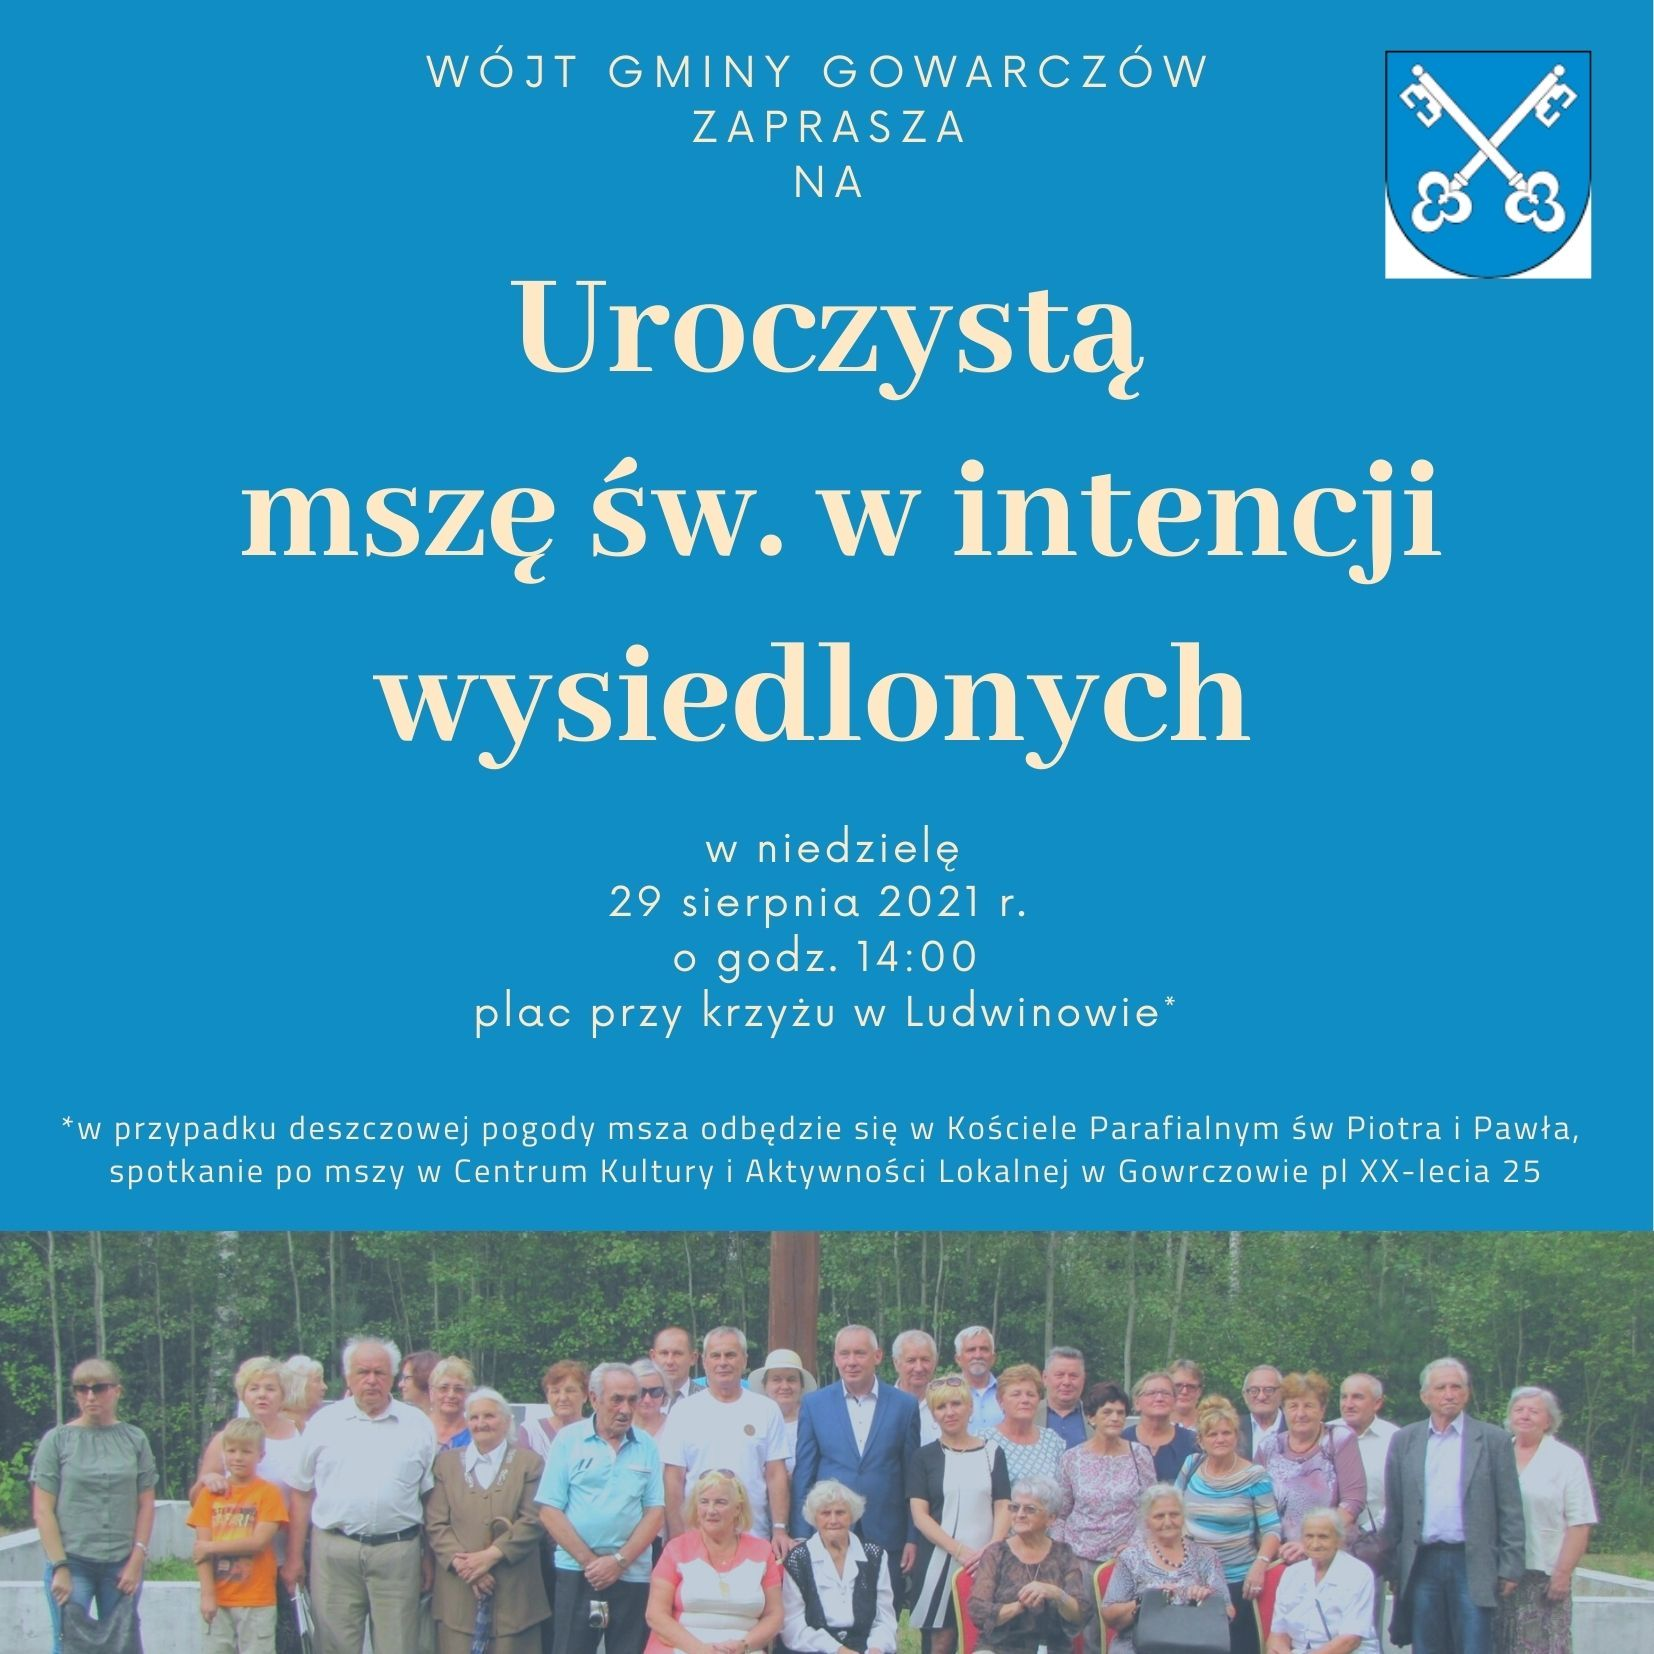 Zaproszenie na uroczystą mszę świętą w Ludwinowie